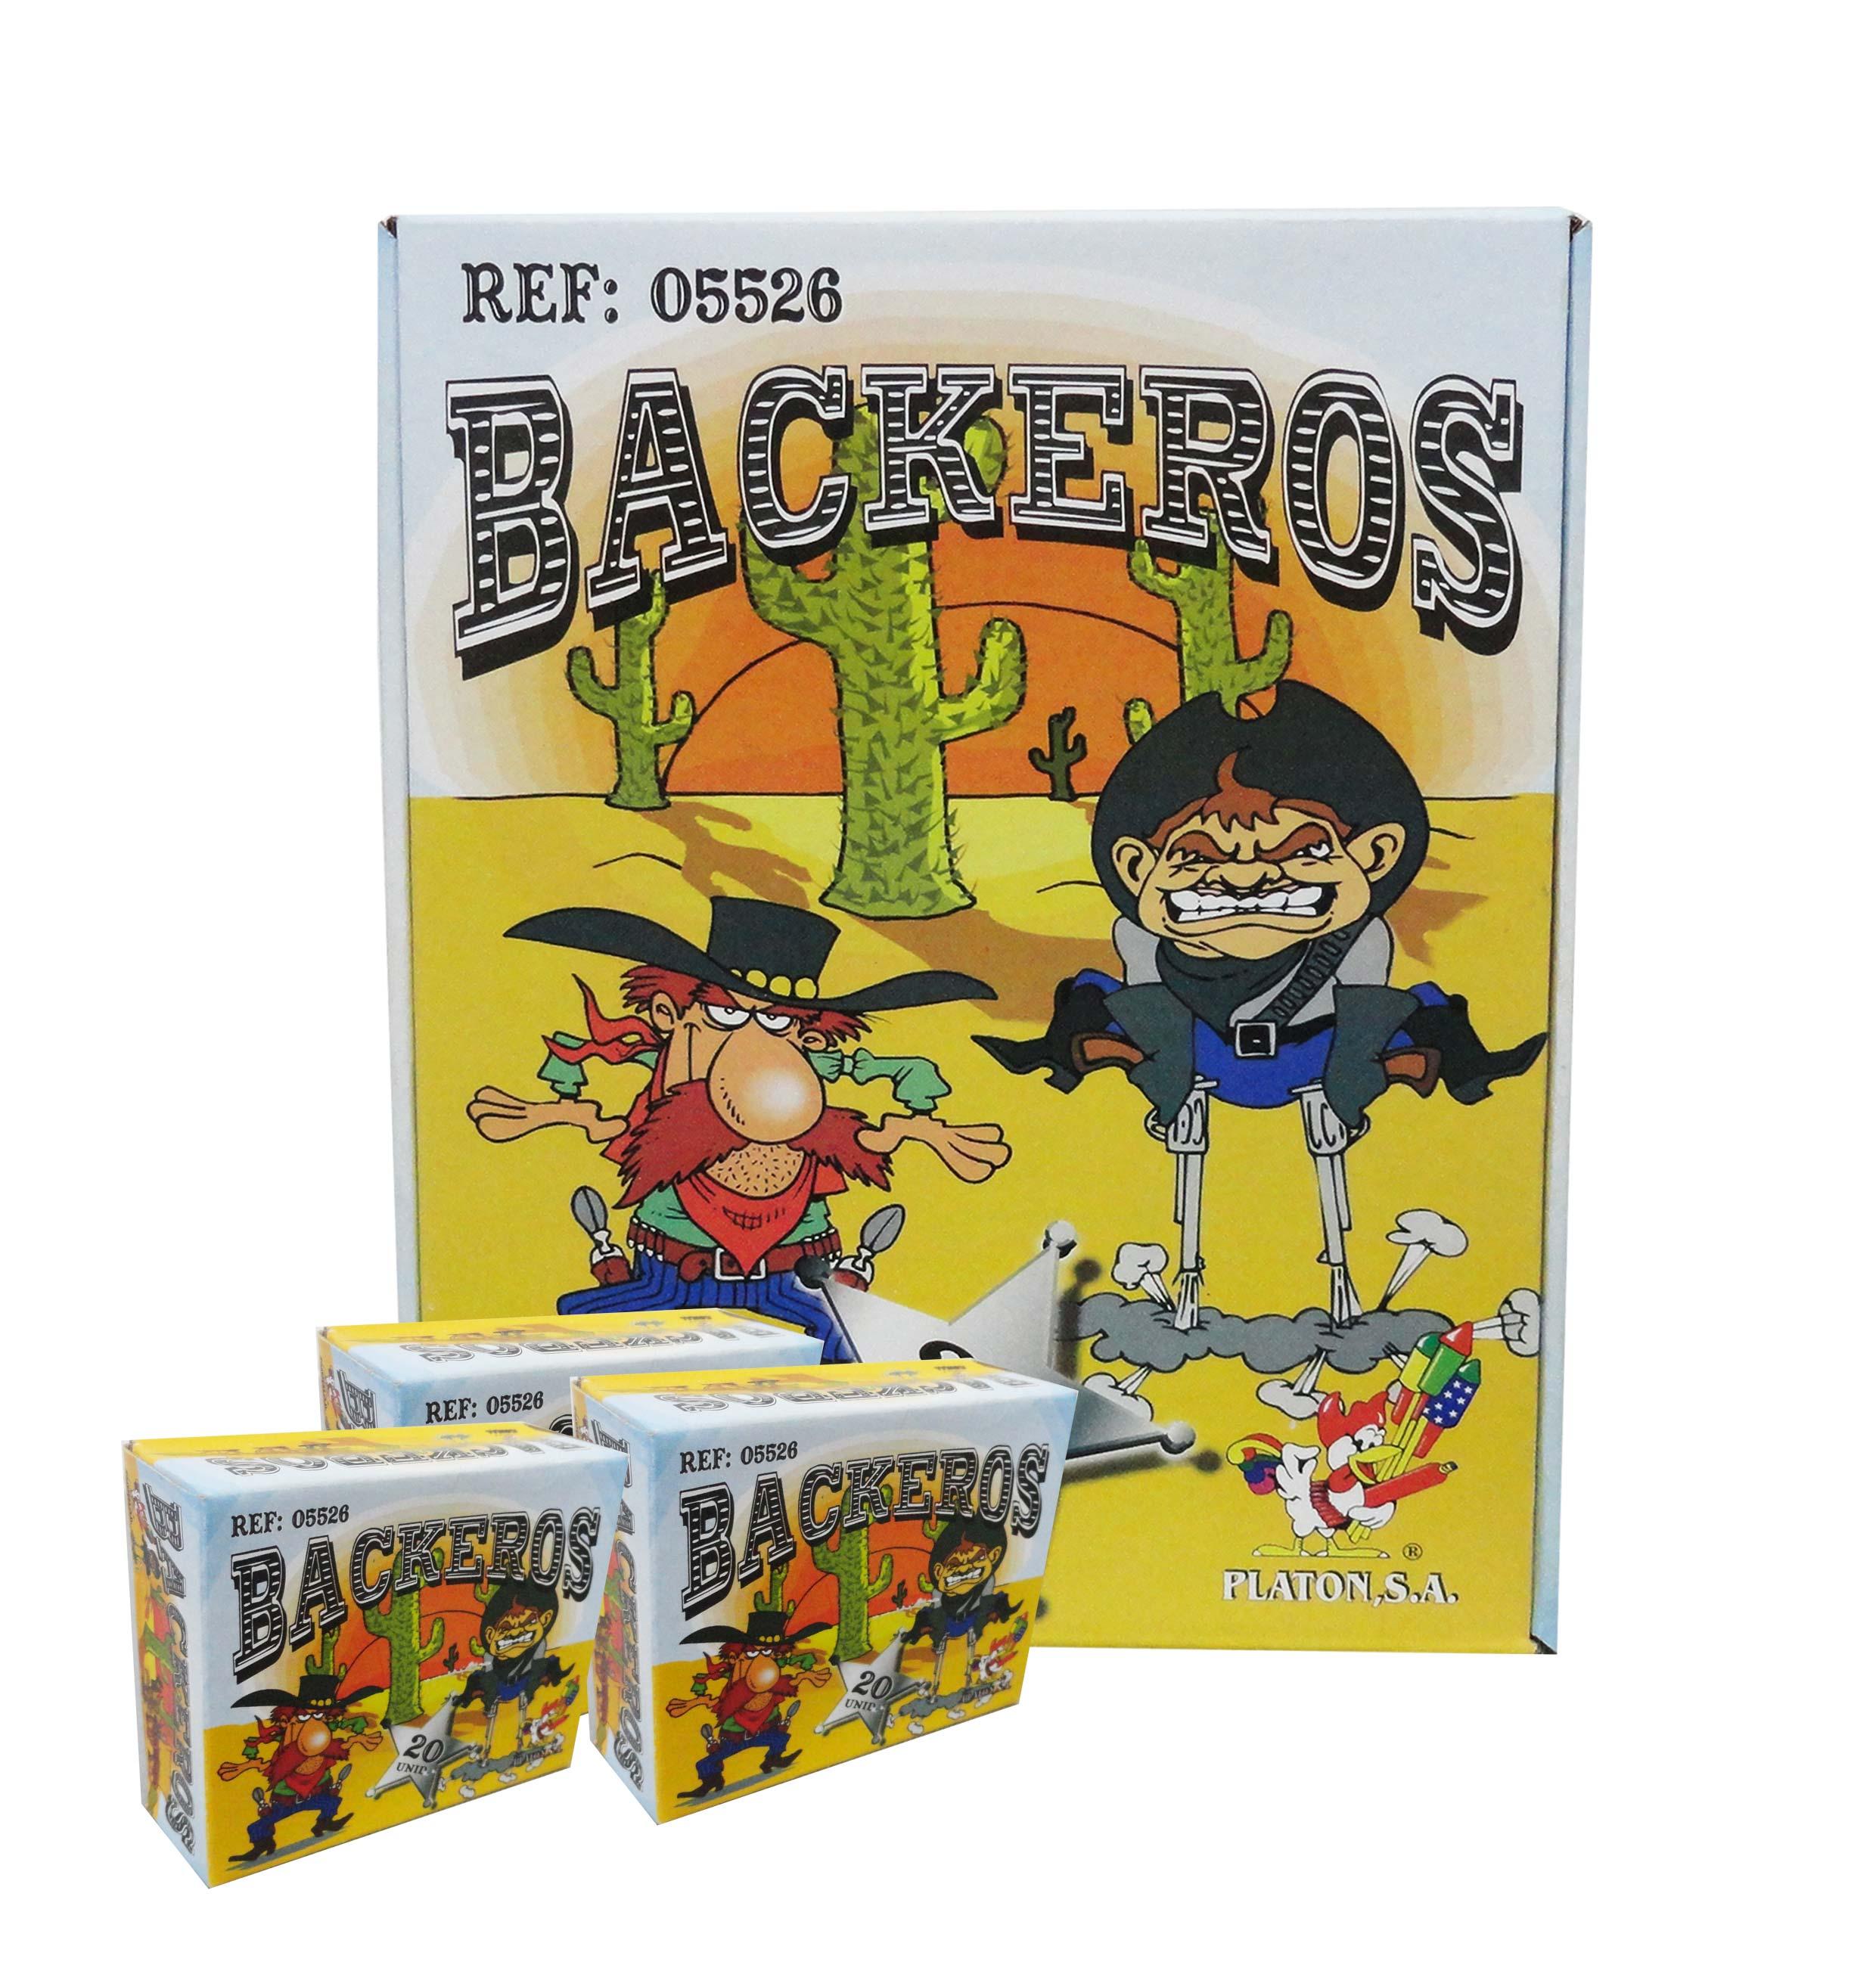 Mega Chaskis Backeros